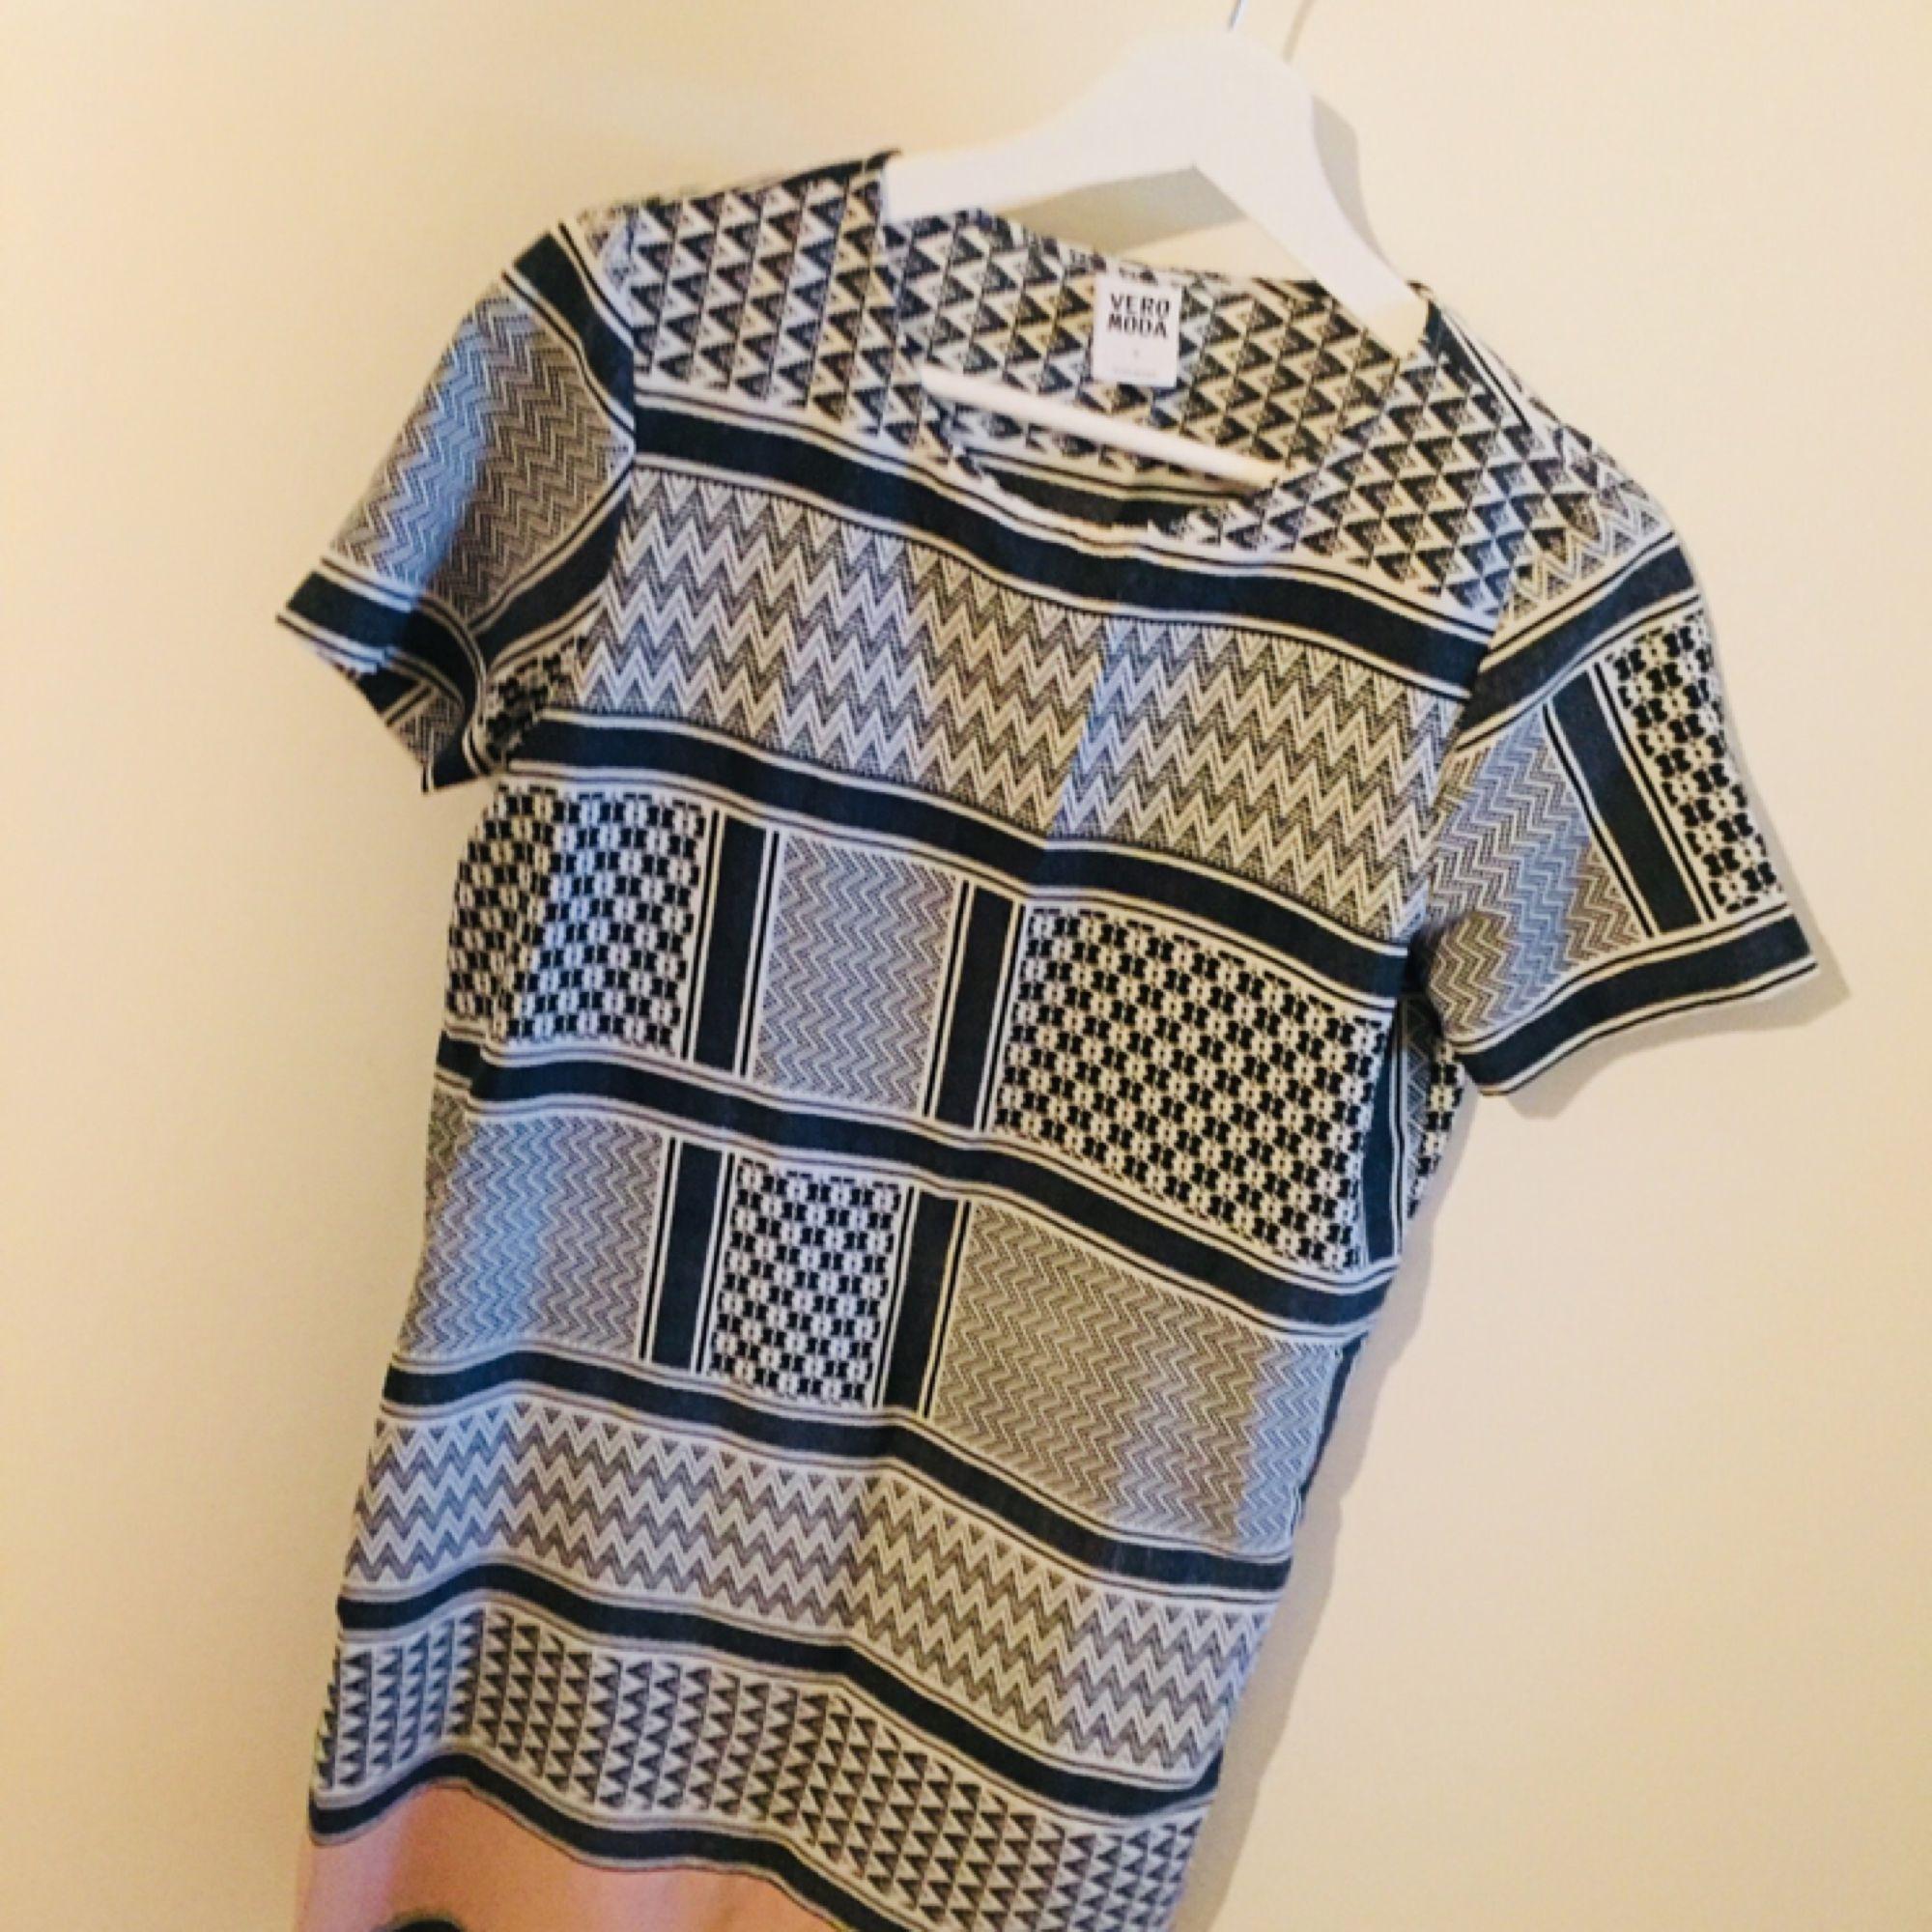 d9064f3e0549 Tunn mönstrad klänning från Vero - VERO MODA Klänningar - Second Hand